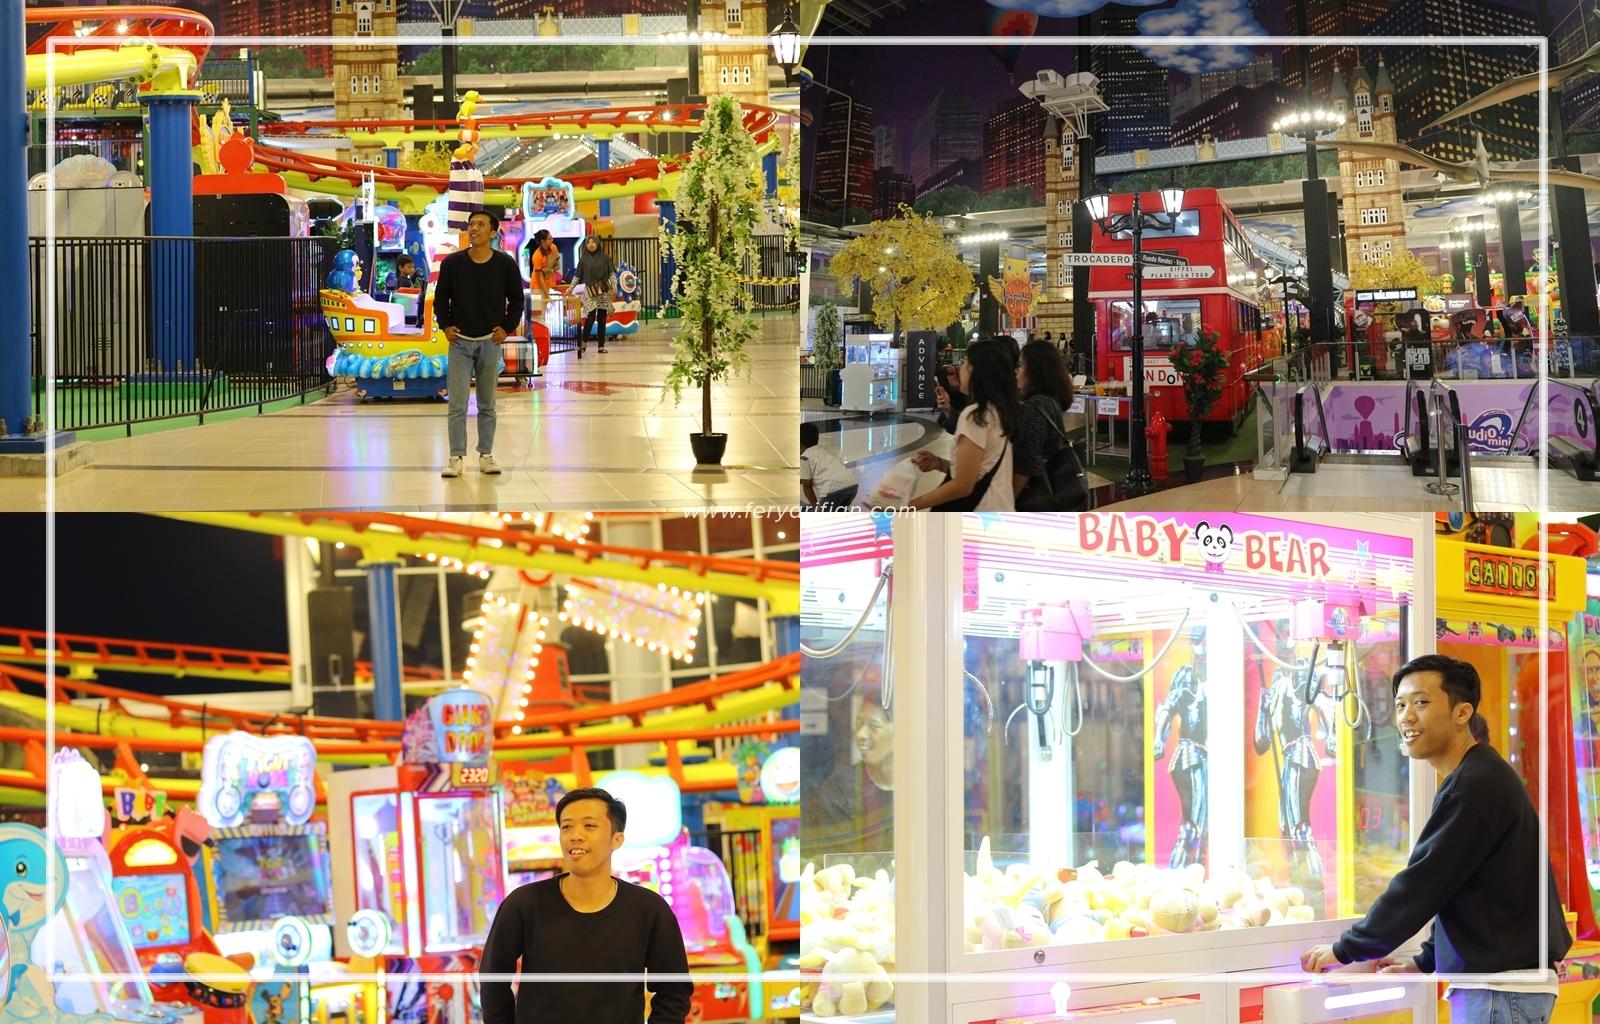 Jadwal Bioskop Transmart Malang - What's New